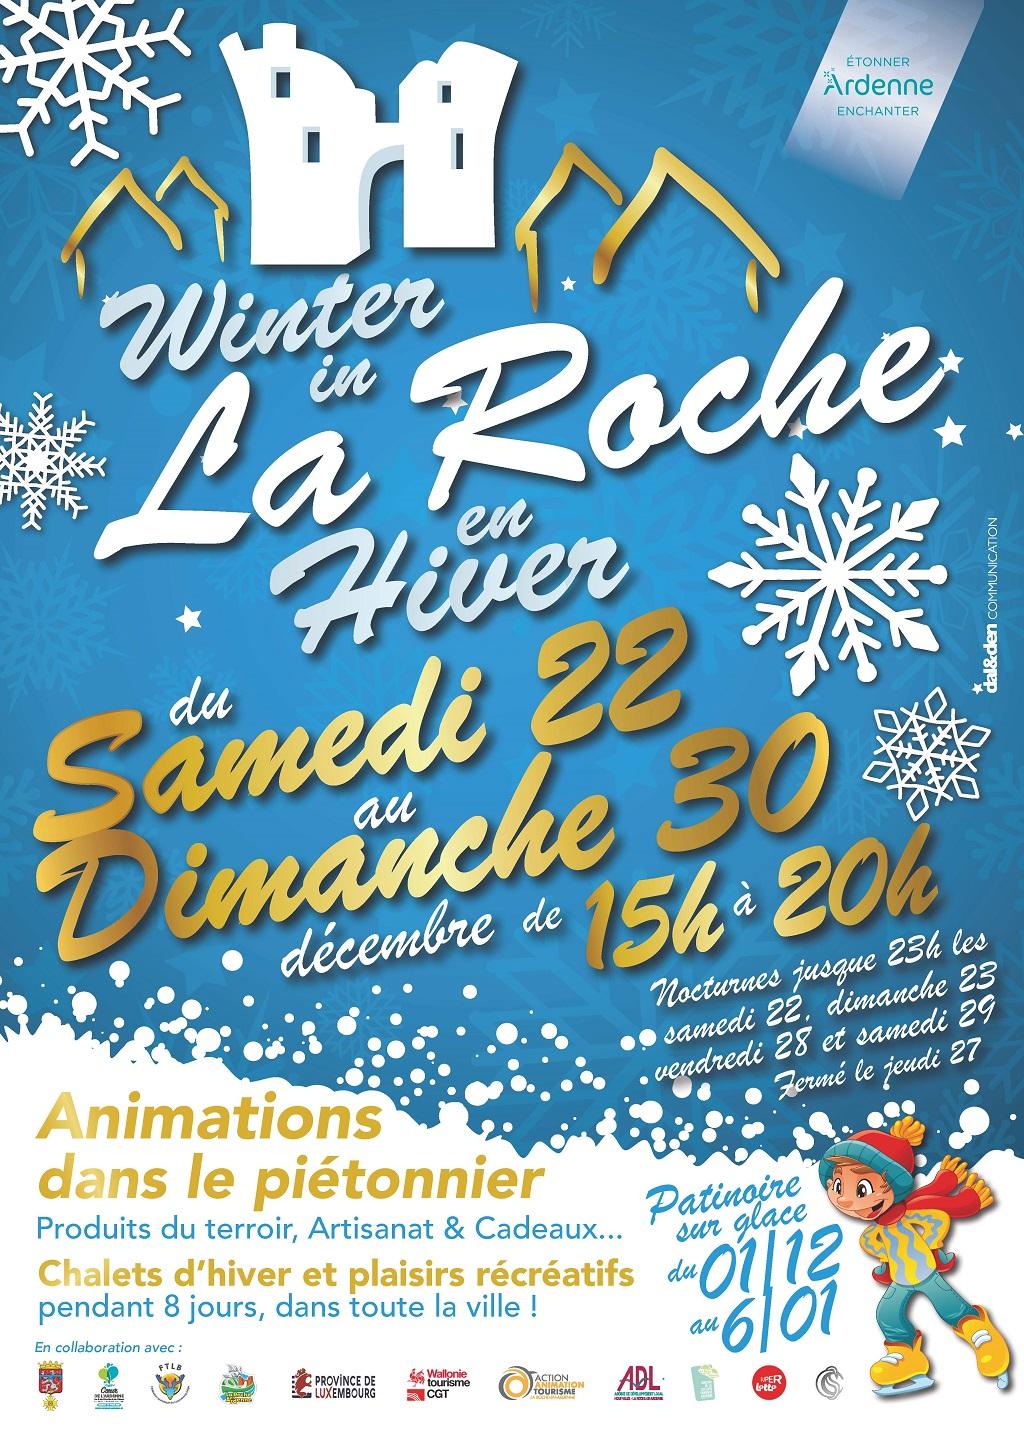 La Roche en hiver , Marché de Noël